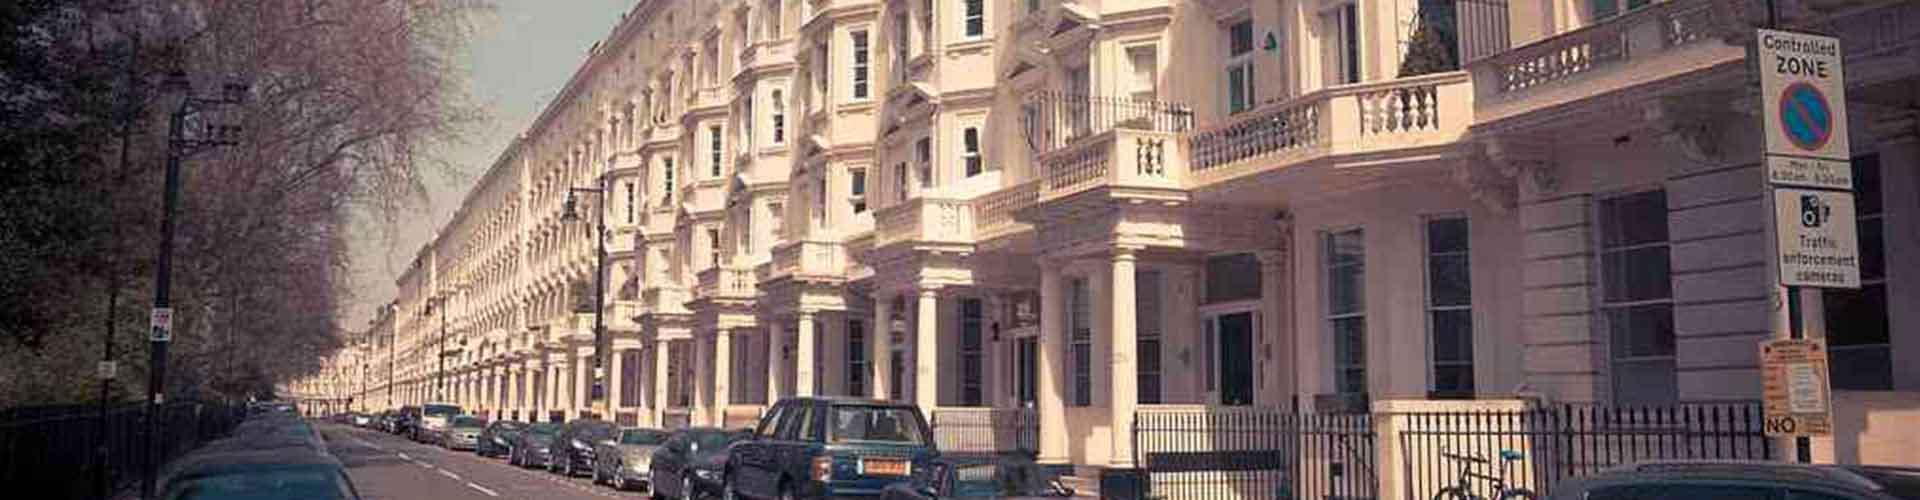 伦敦 – Pimlico区的青年旅馆。伦敦 地图,伦敦 每间青年旅馆的照片和评分。